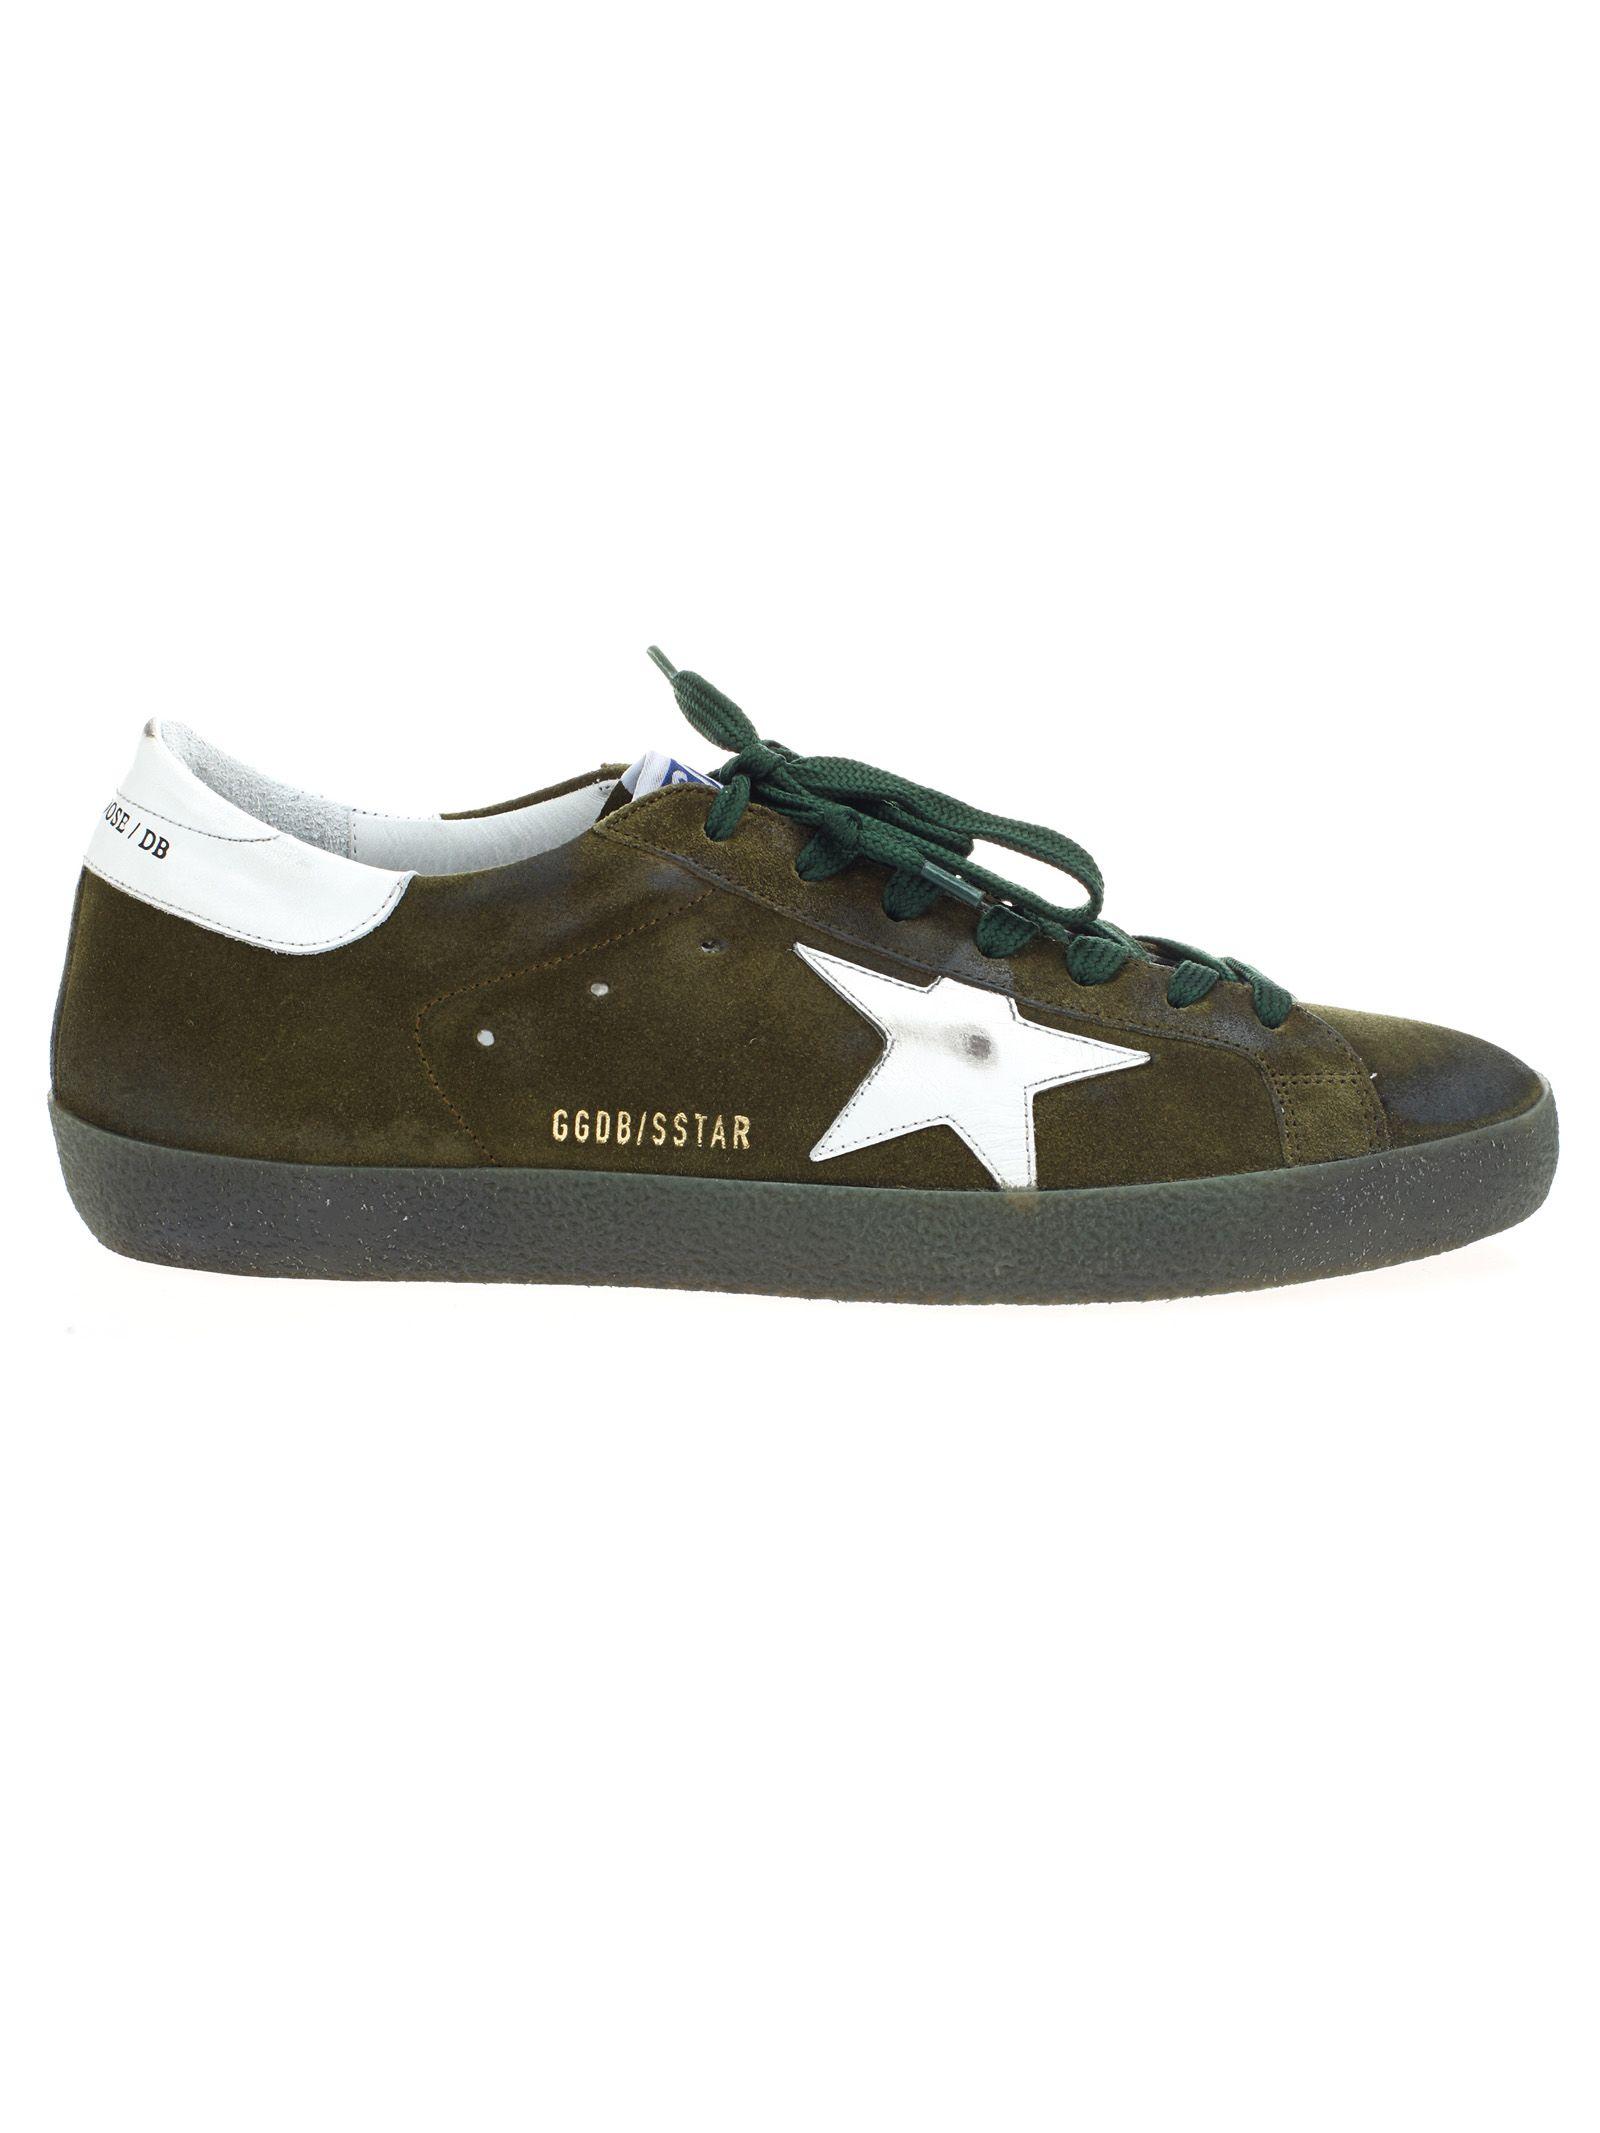 Golden Goose Golden Goose Deluxe Brand Star Sneakers